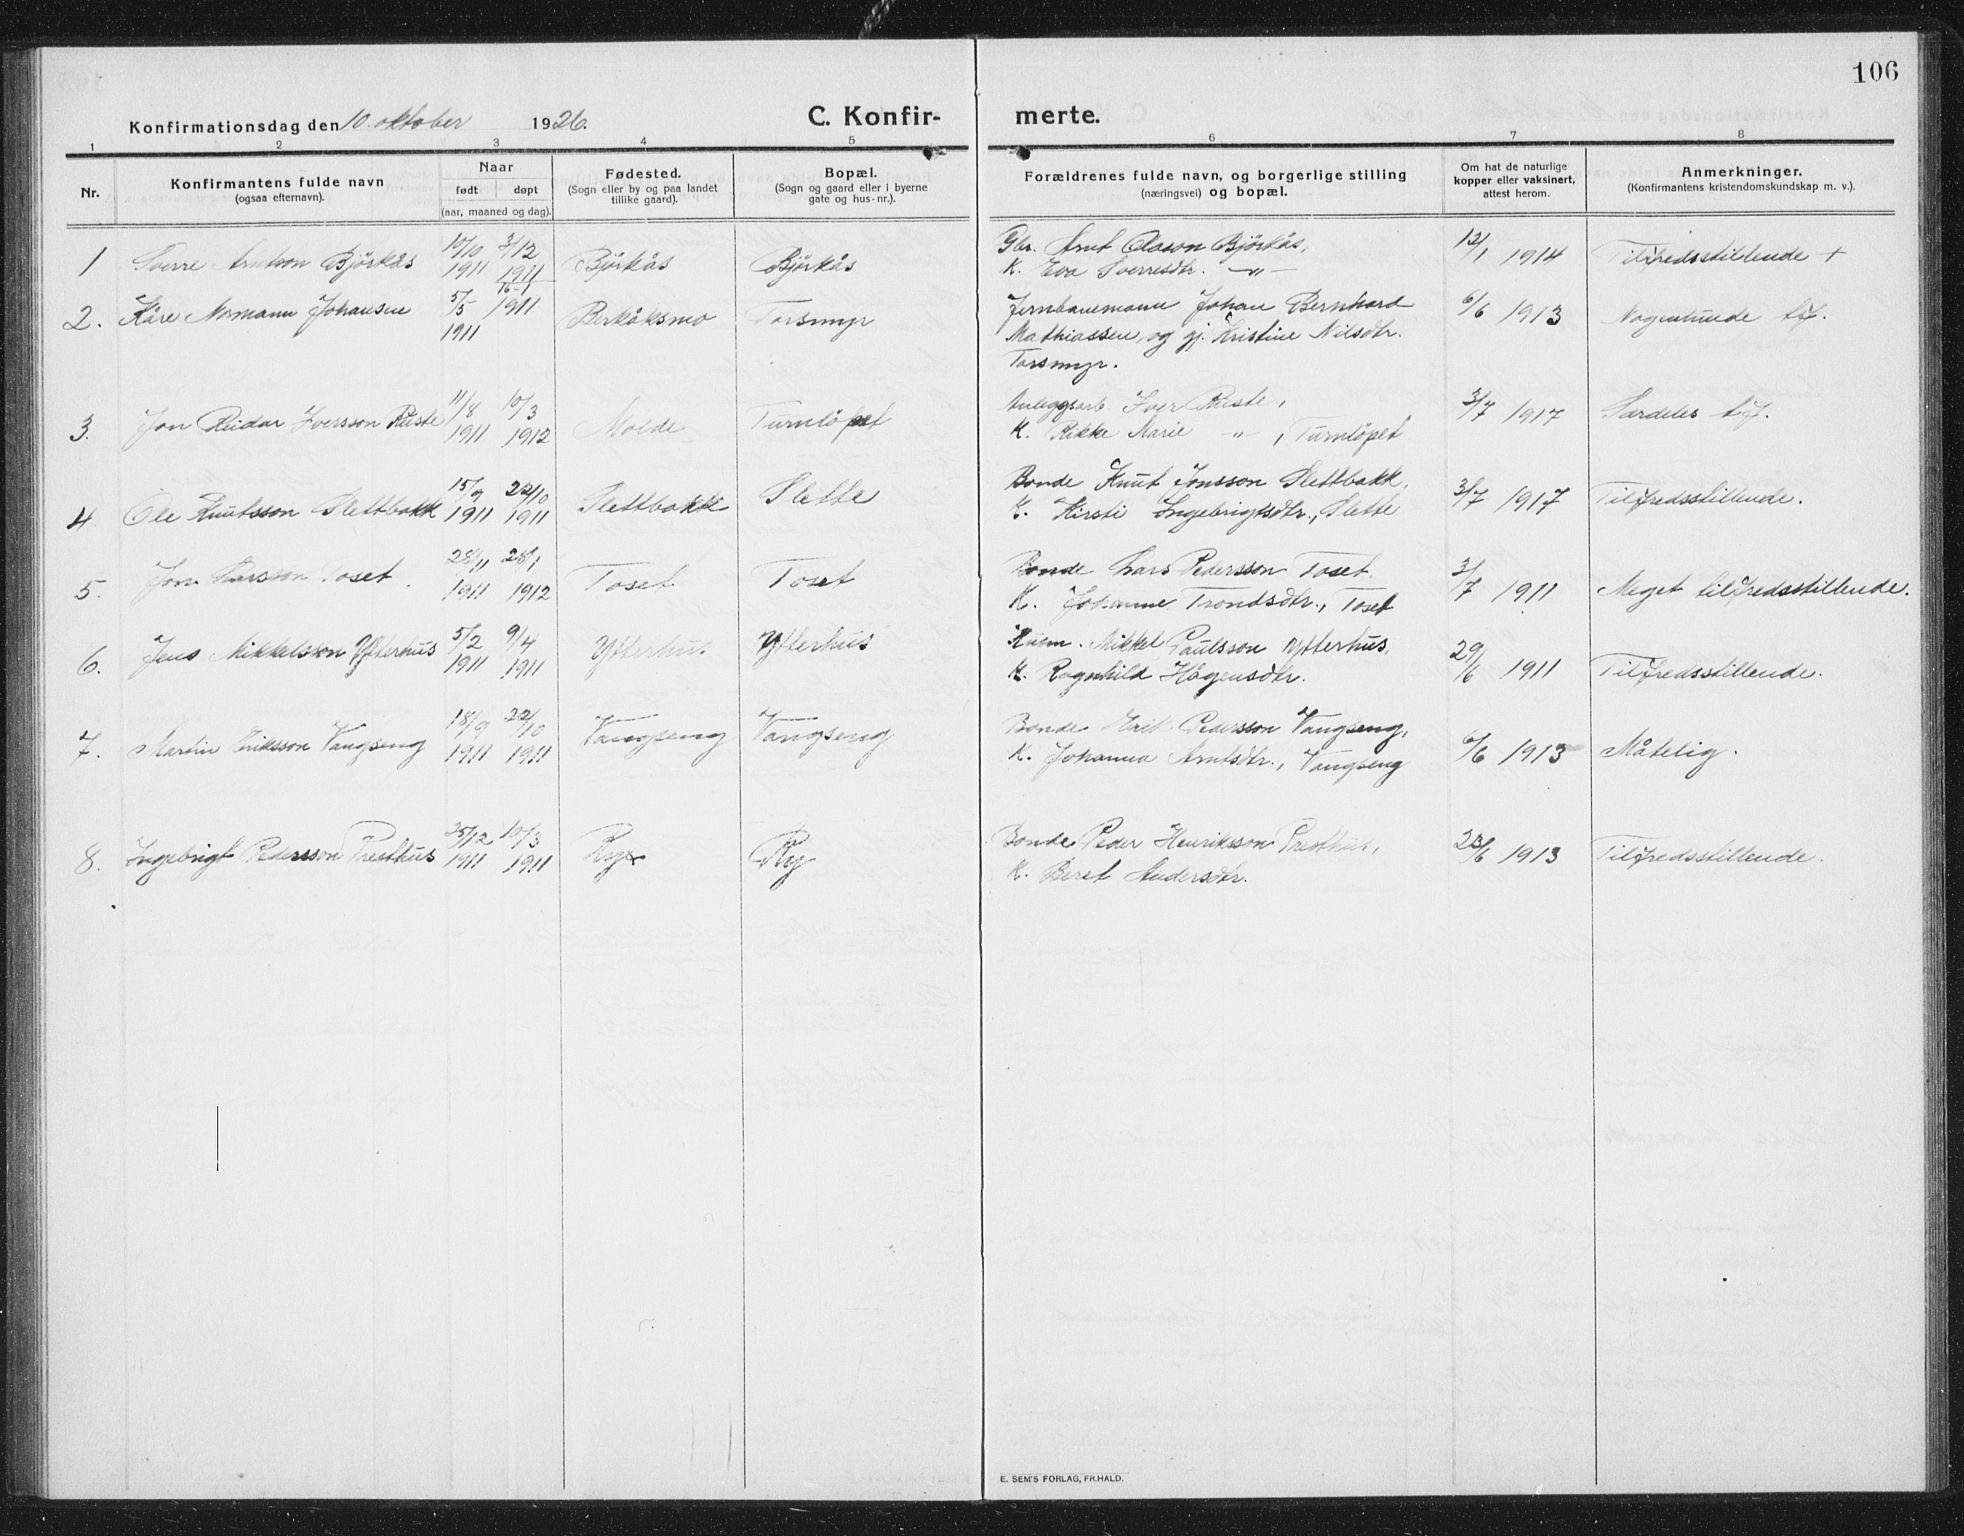 SAT, Ministerialprotokoller, klokkerbøker og fødselsregistre - Sør-Trøndelag, 675/L0888: Klokkerbok nr. 675C01, 1913-1935, s. 106